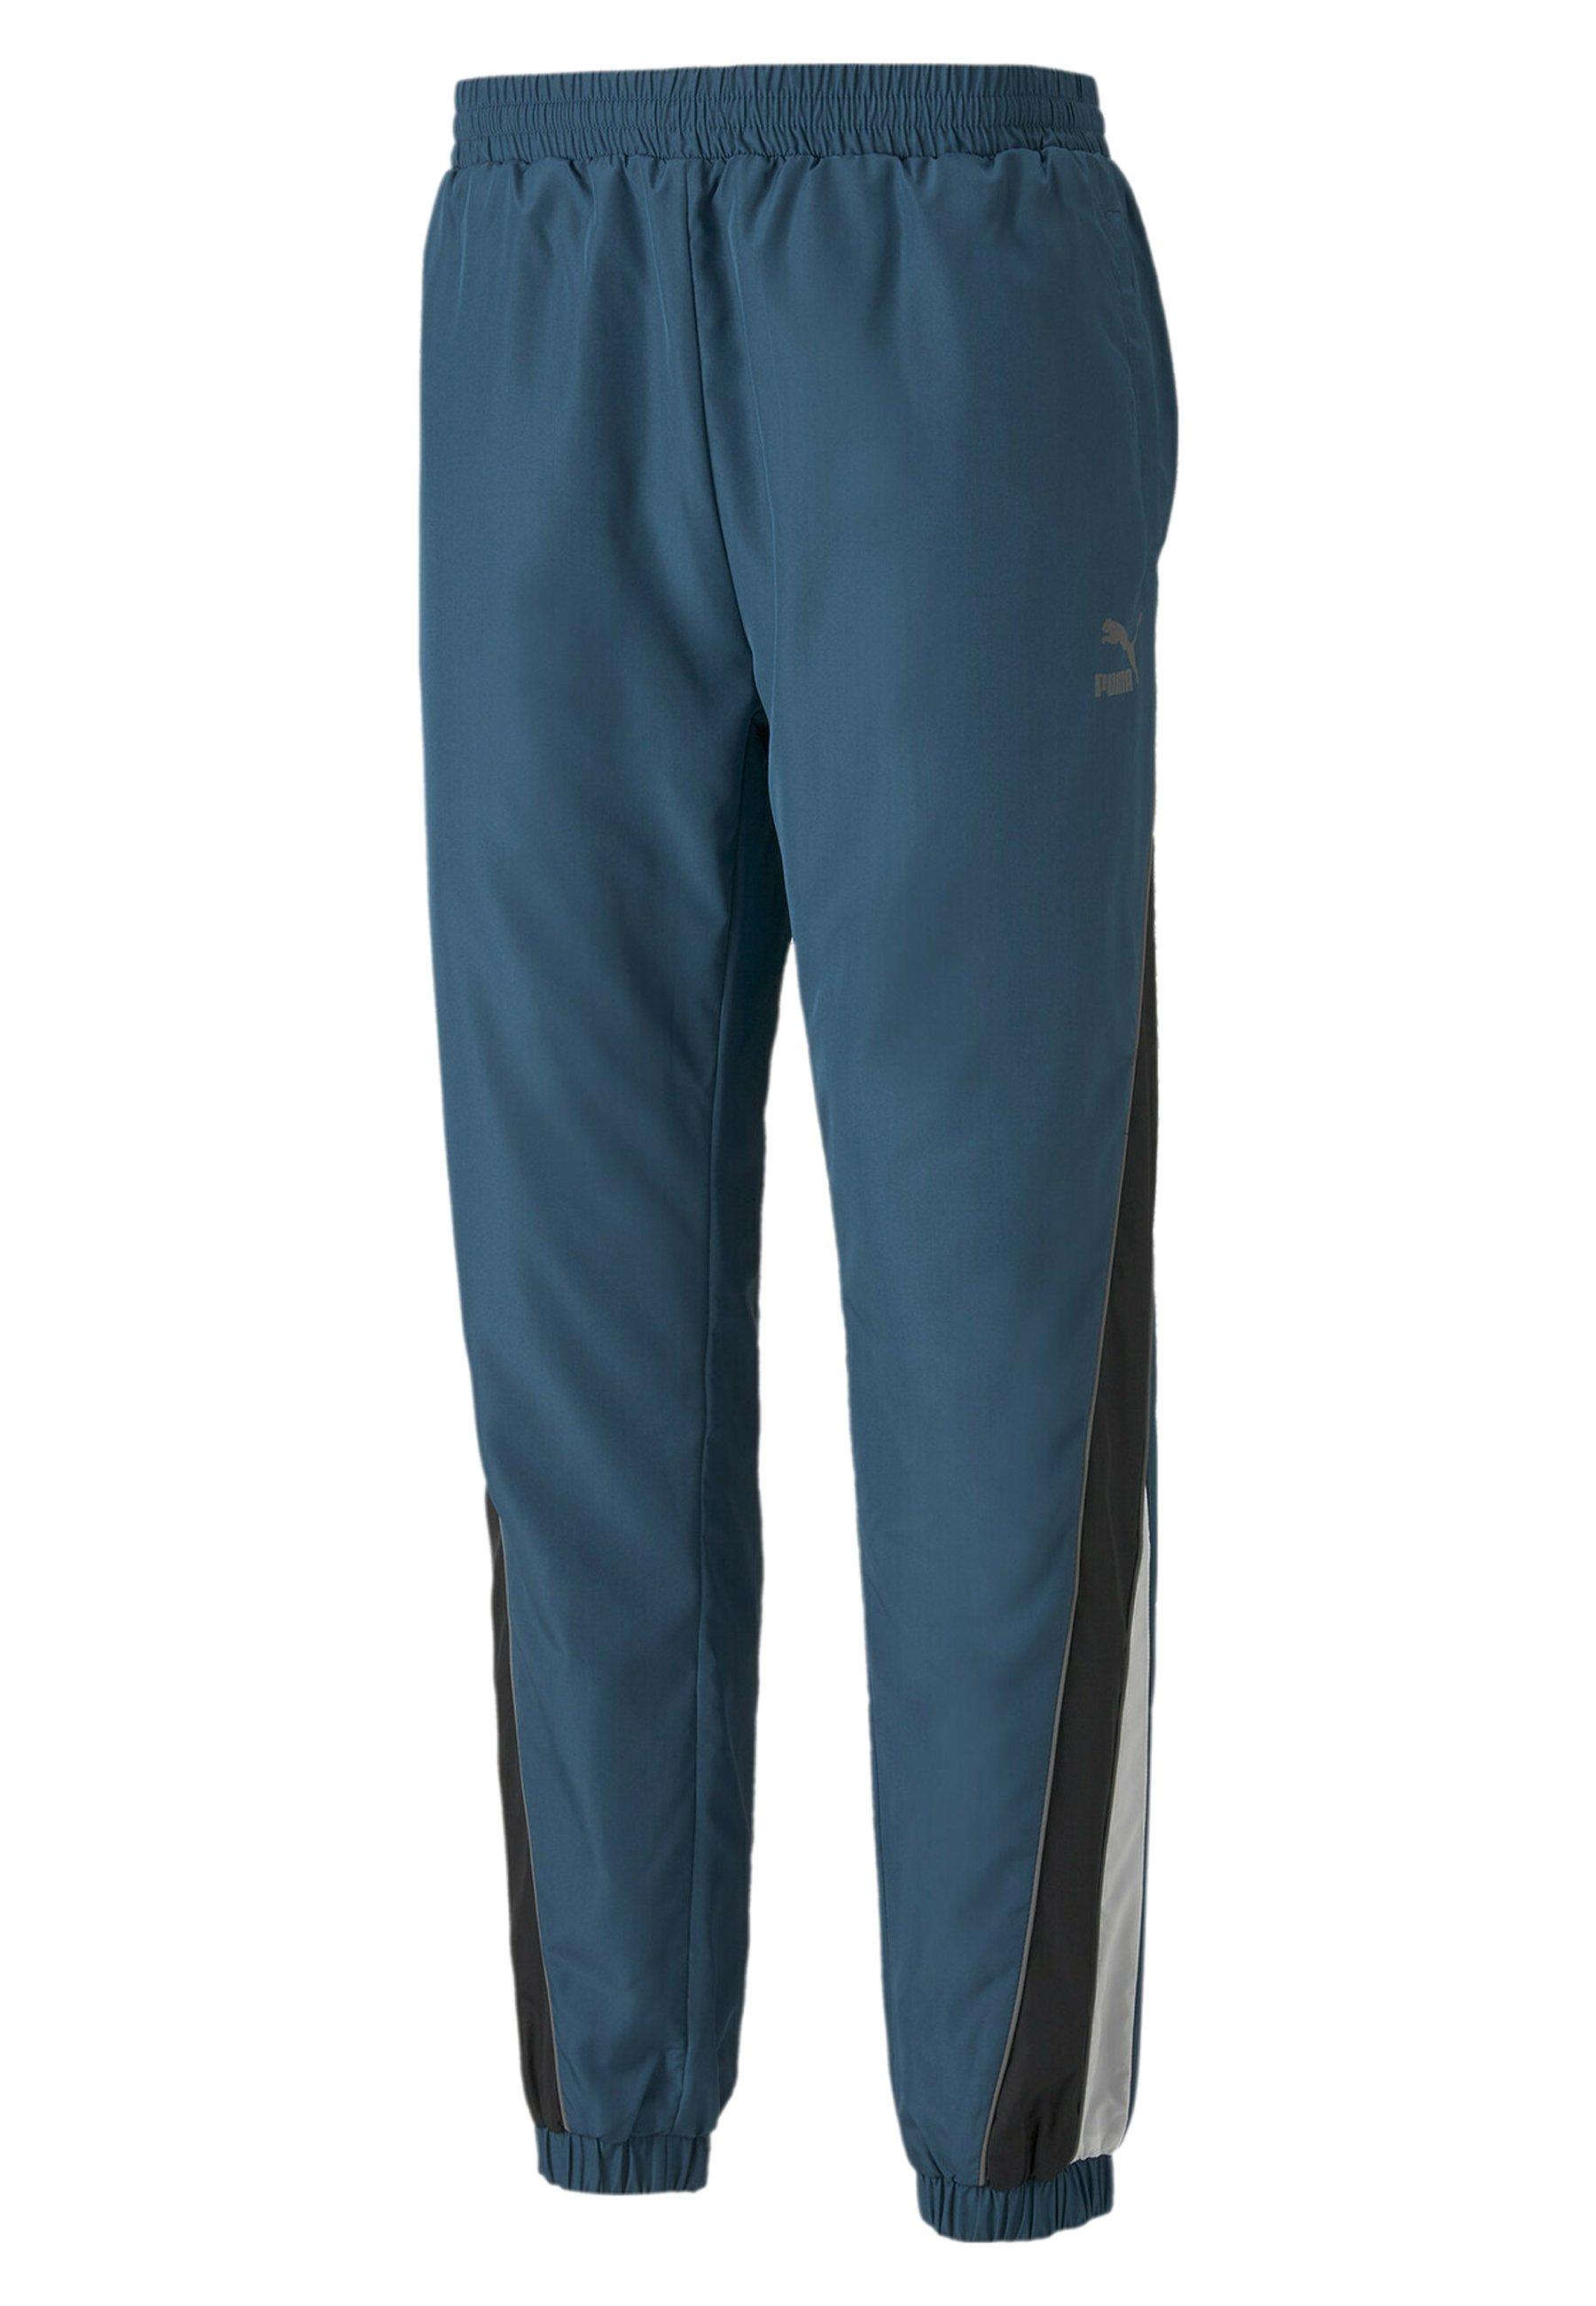 Herren Jogginghose